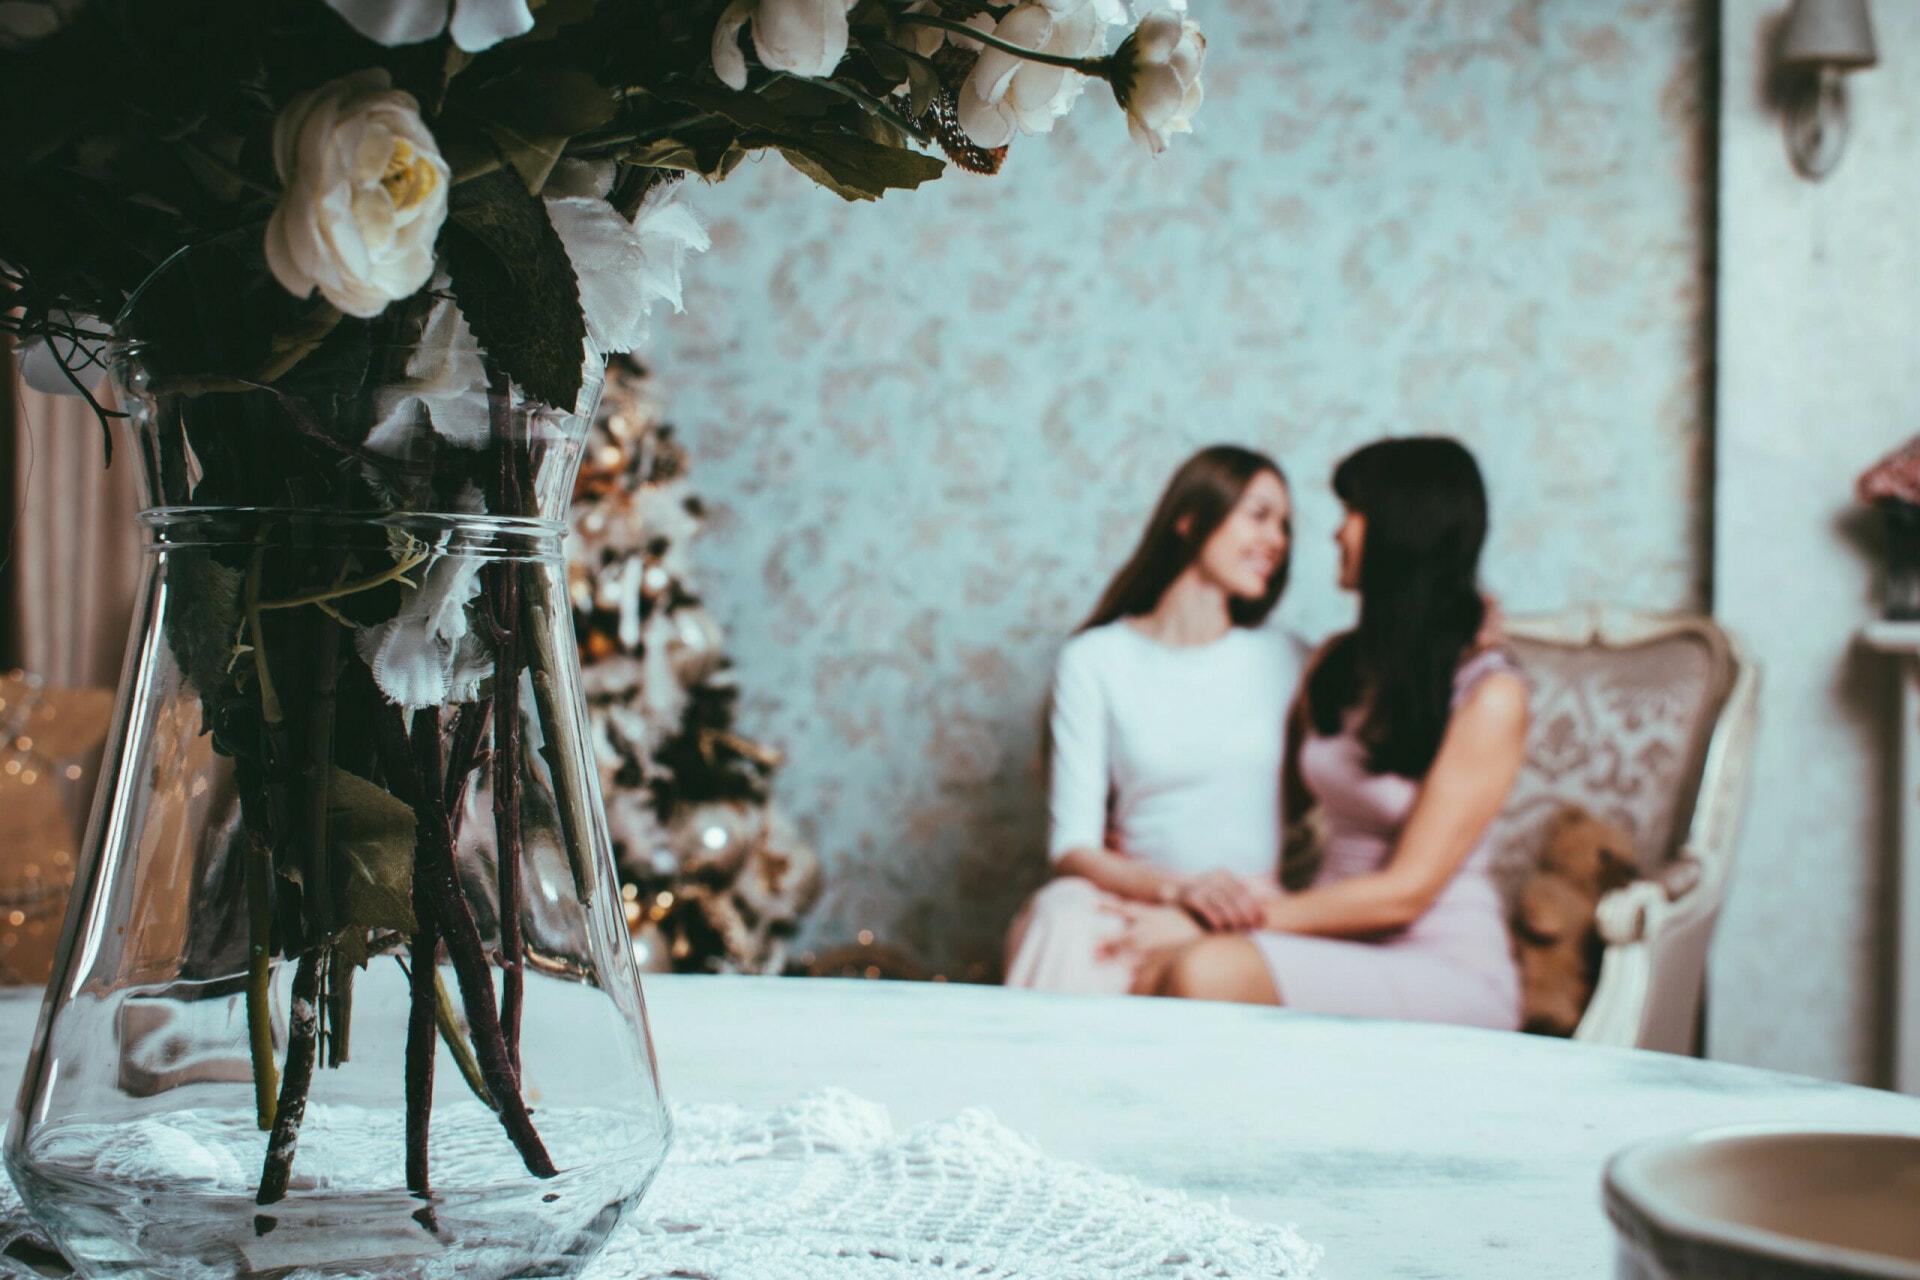 Women at wedding